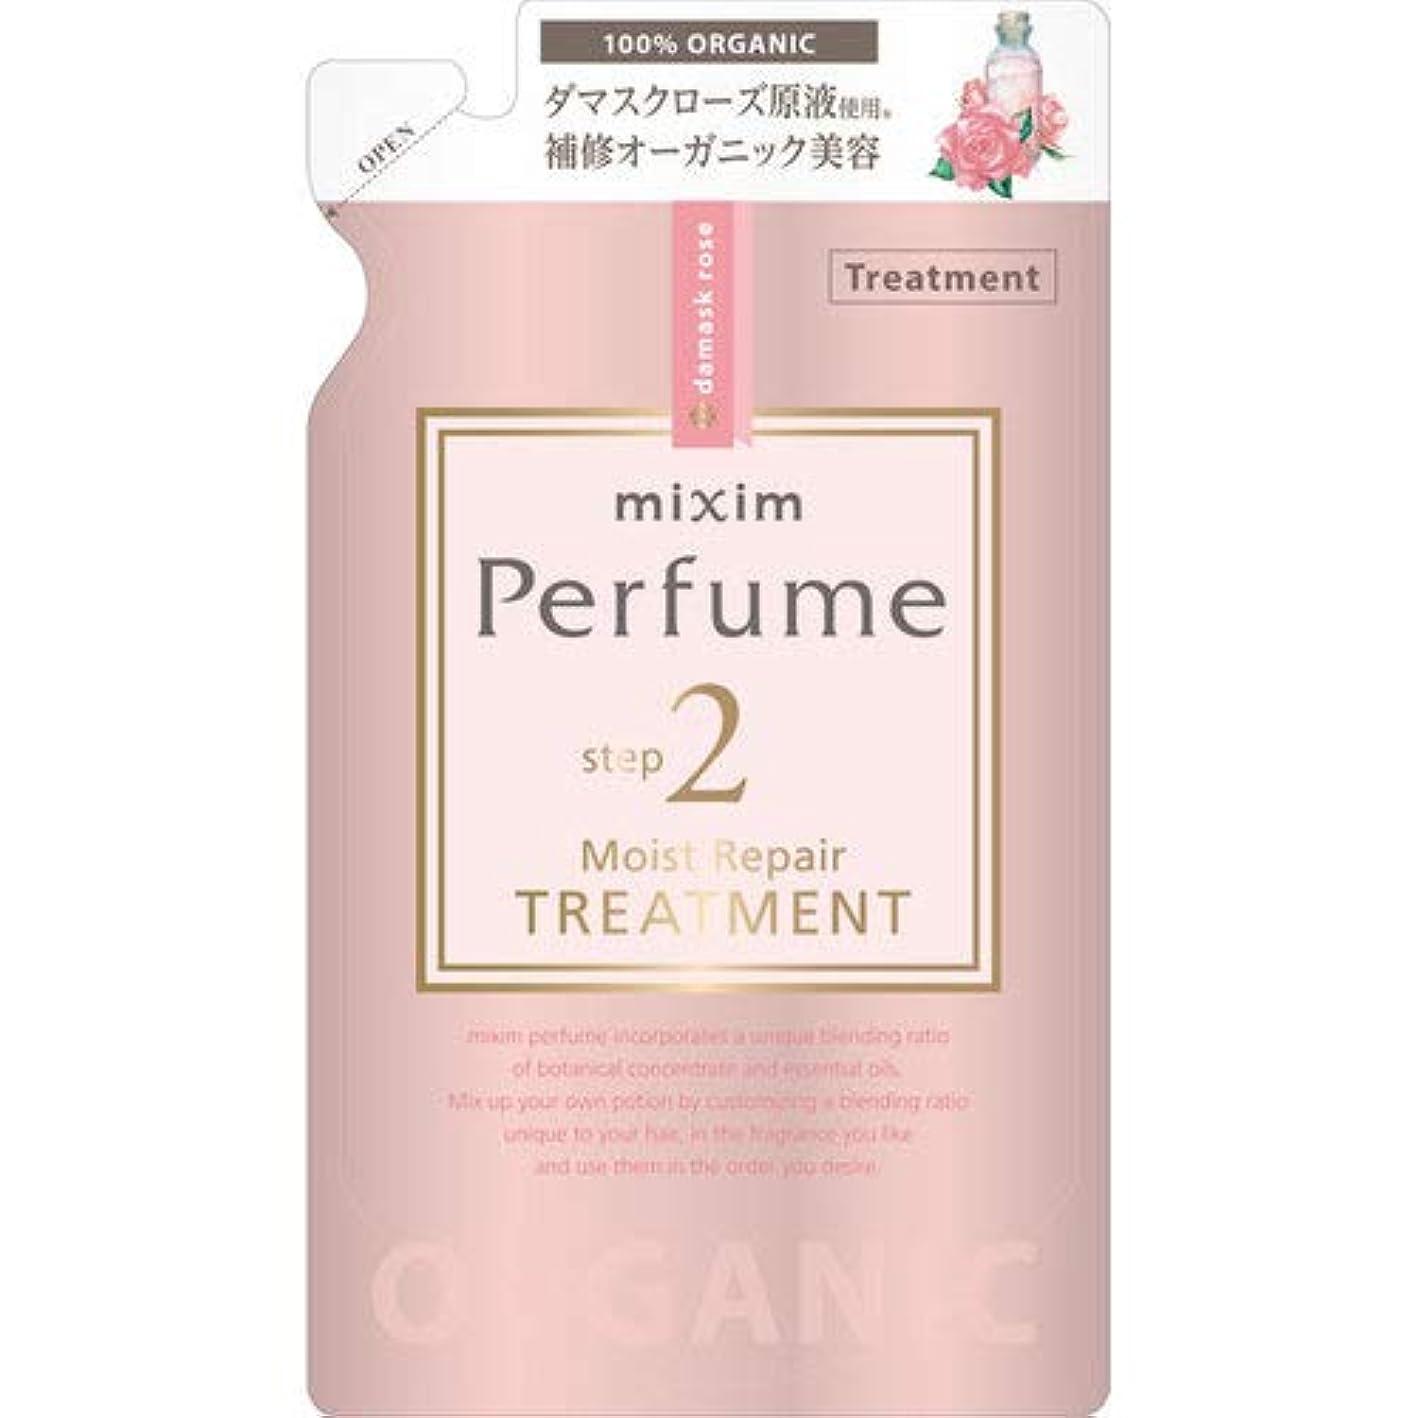 ソブリケットパイプ賛美歌mixim Perfume(ミクシムパフューム) モイストリペア ヘアトリートメントつめかえ用 350g